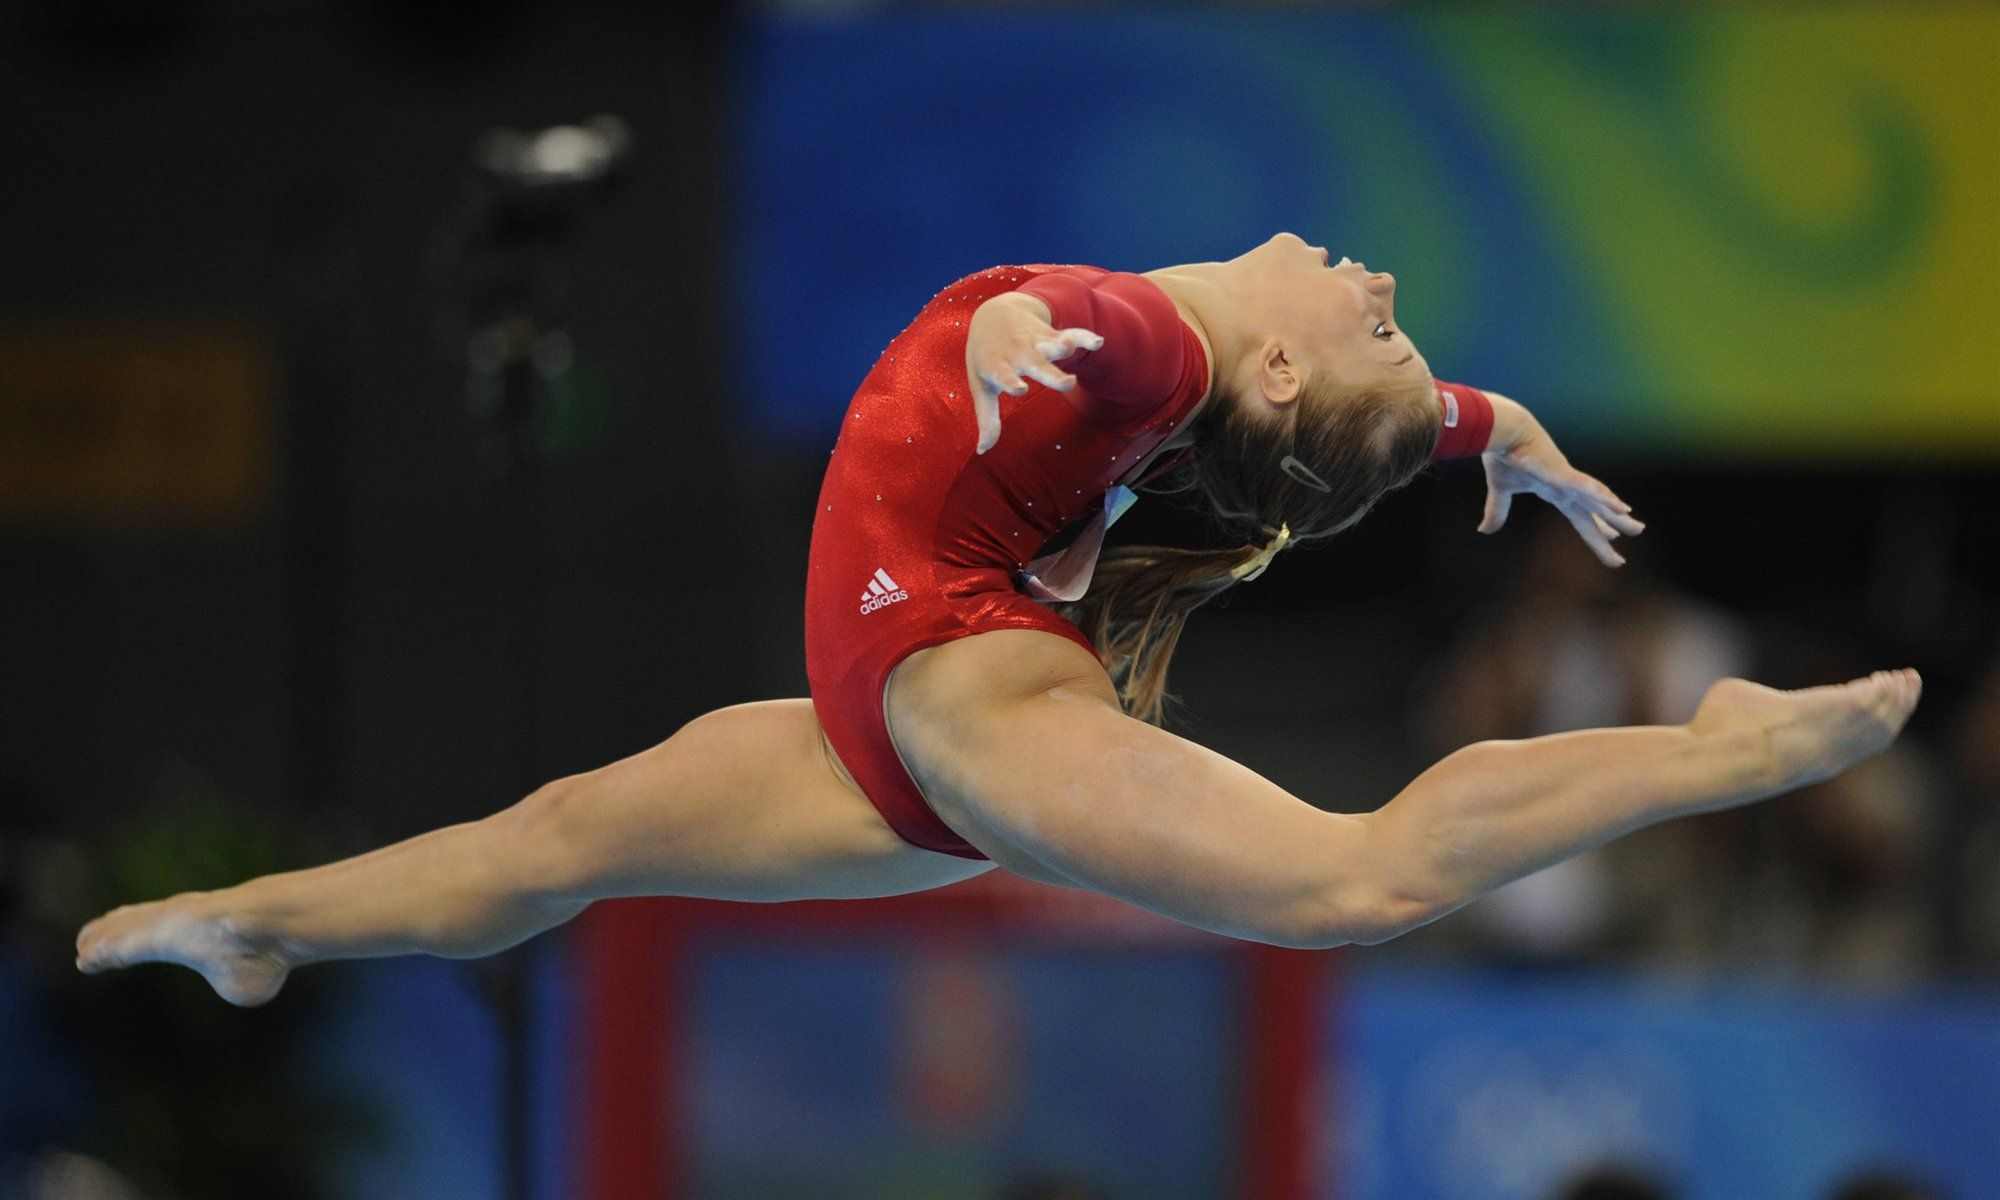 Женская спортивная гимнастика фото